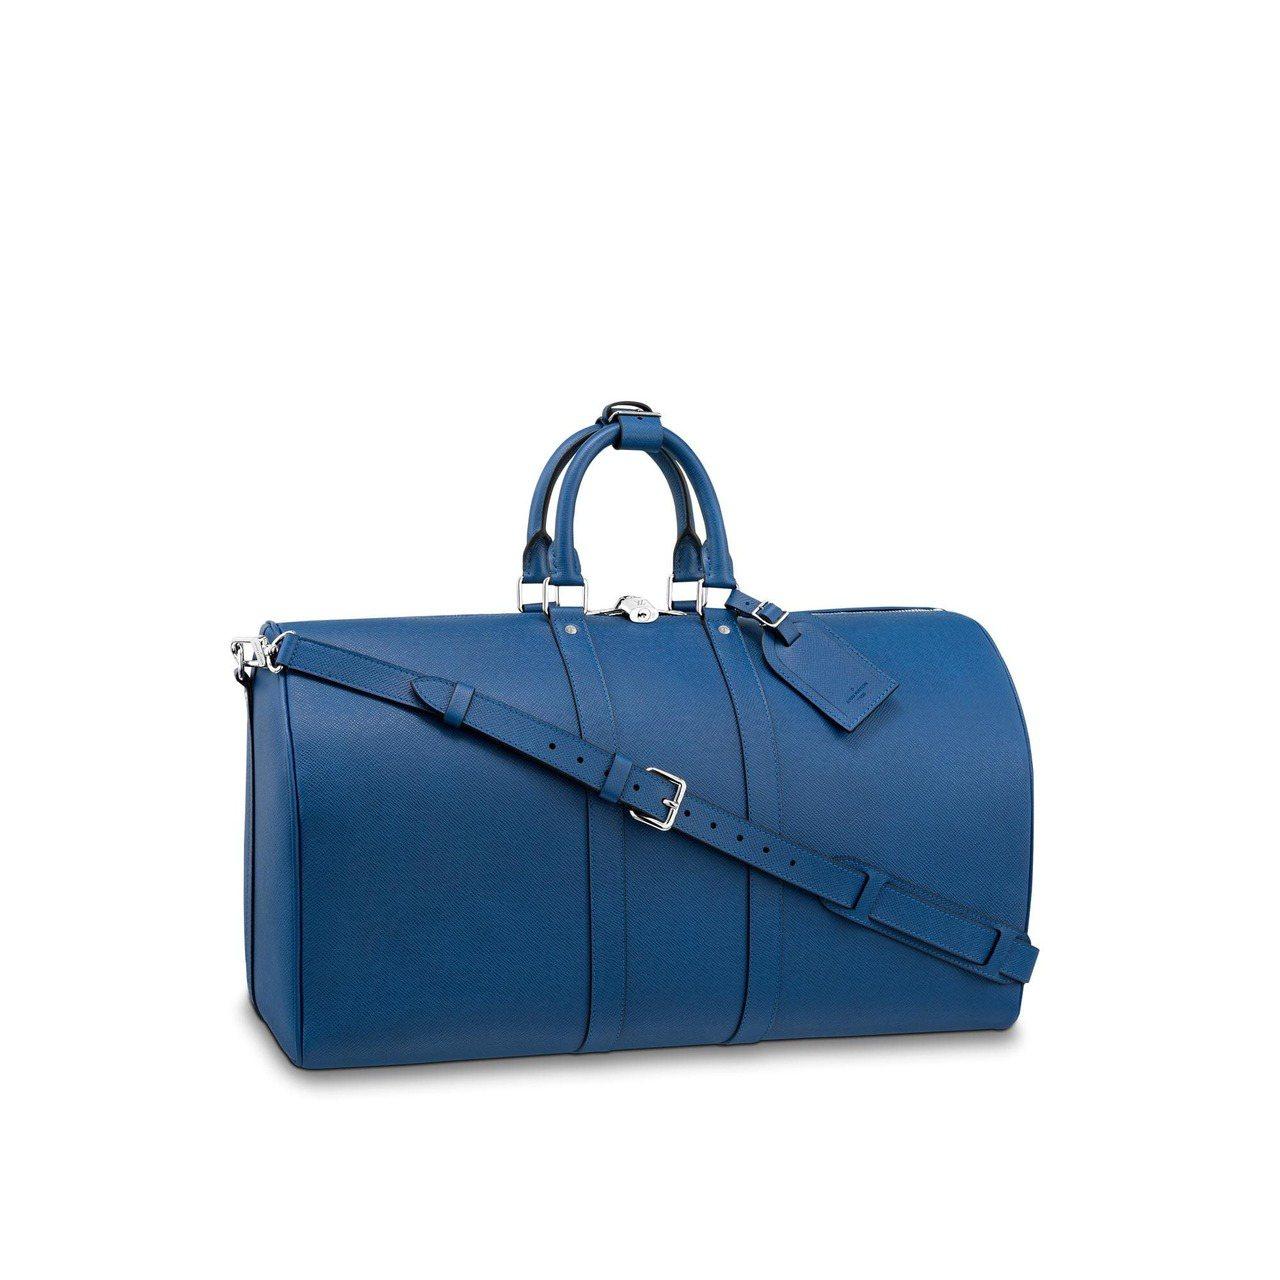 路易威登Keepall BANDOULIÈRE 50手袋,售價95,500元。圖...